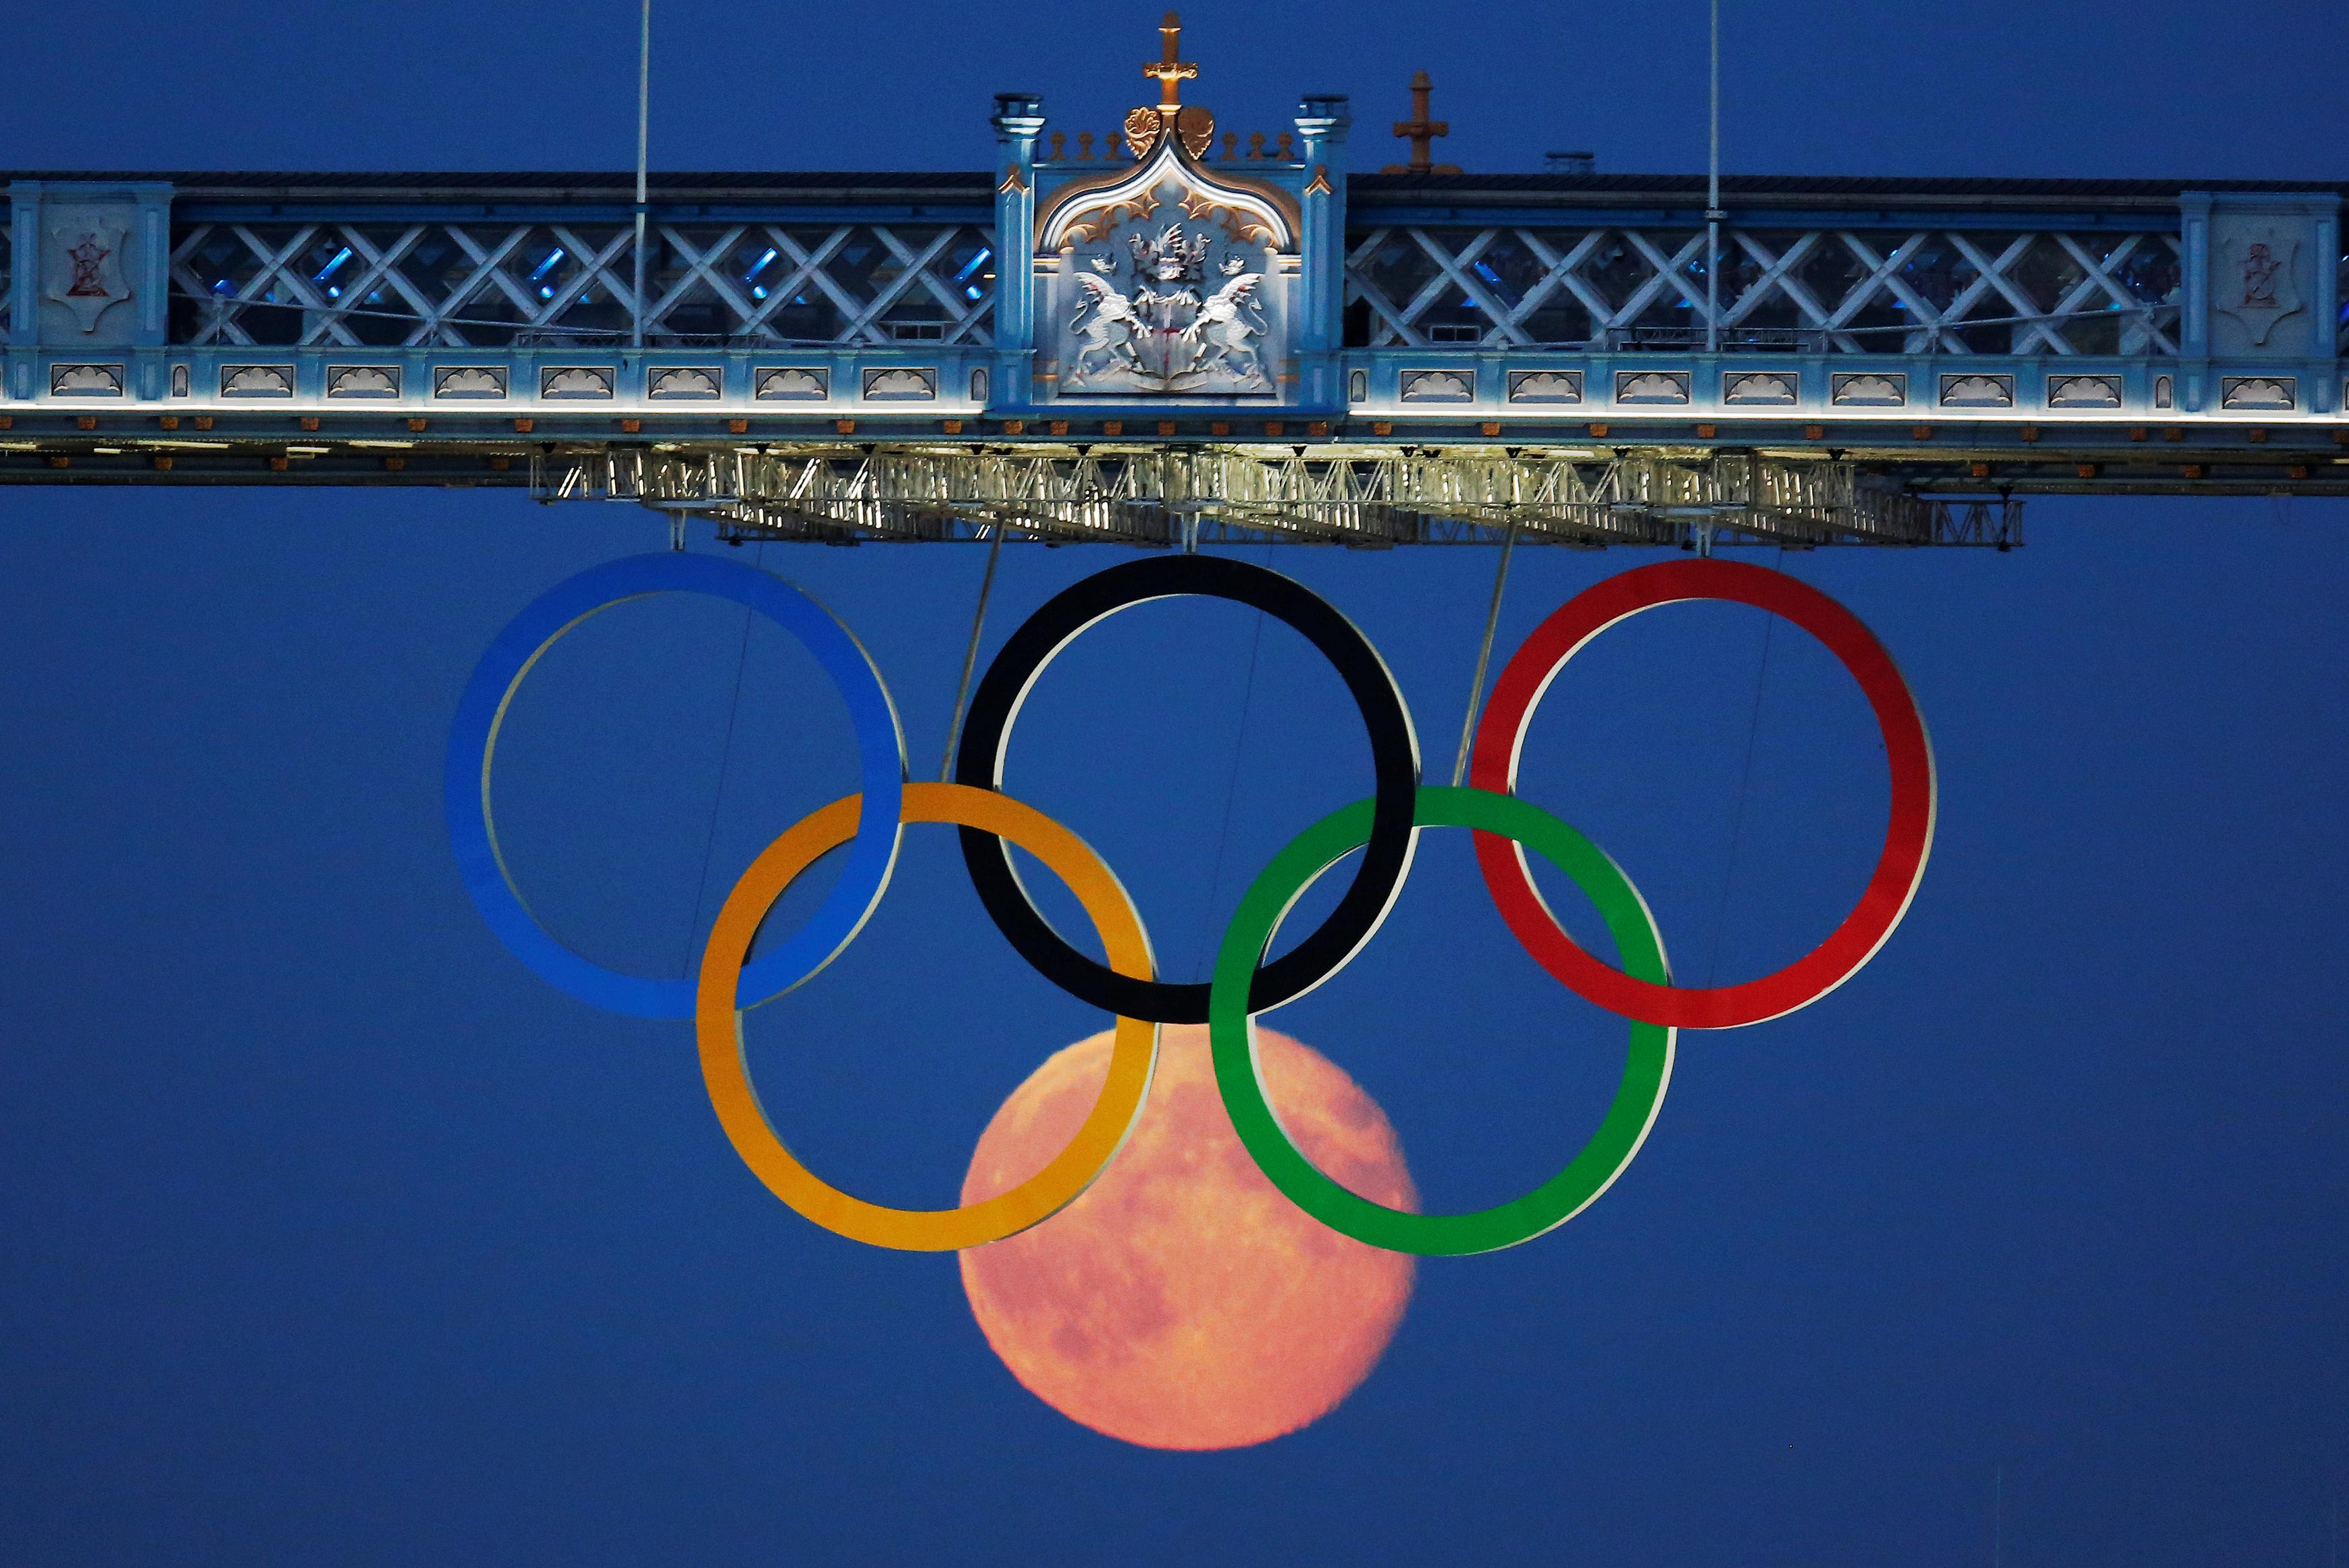 La luna llena se aprecia a través de los Anillos Olímpicos que cuelgan bajo el Puente de la Torre durante los Juegos Olímpicos de Londres 2012, el 3 de agosto de 2012 (REUTERS/Luke MacGregor)